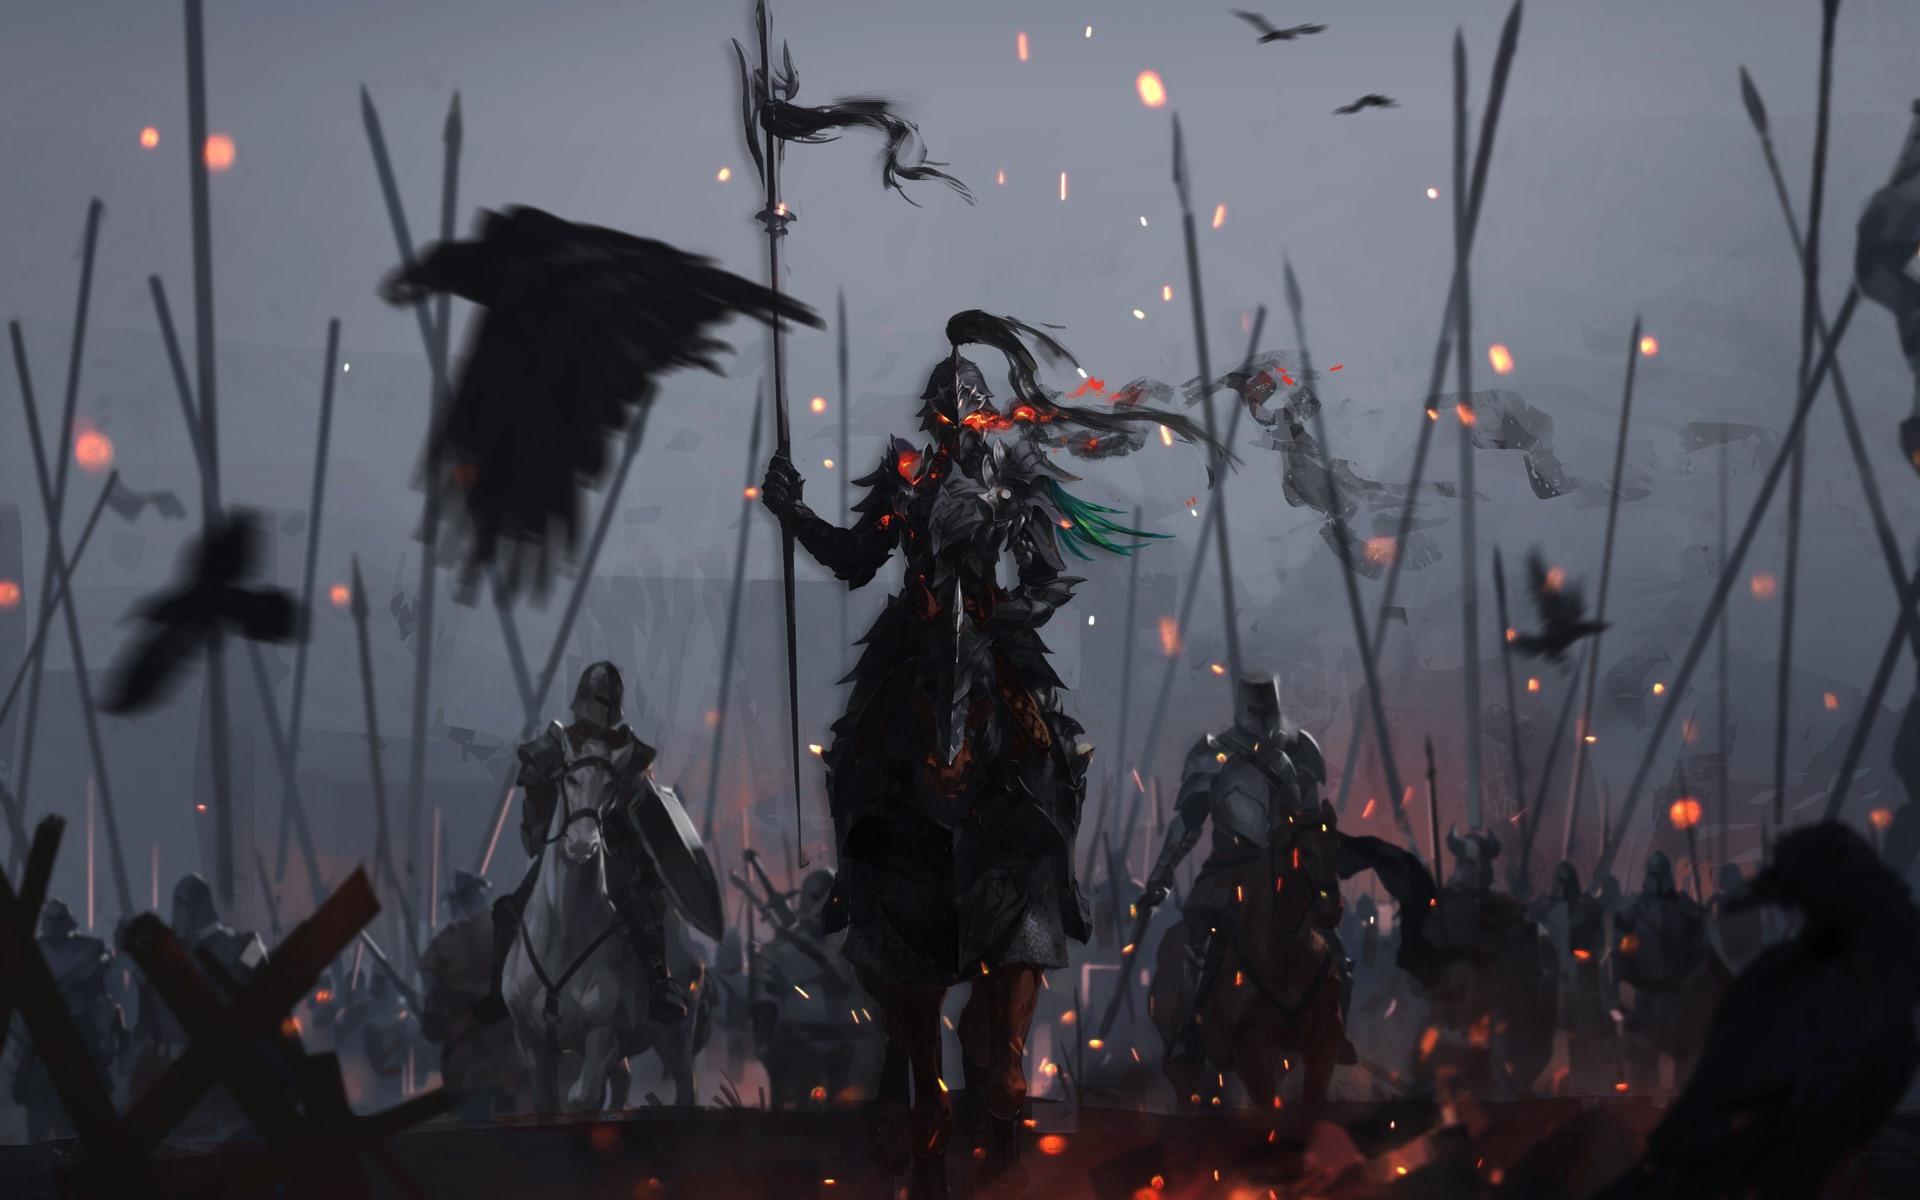 壁纸勇士 盔甲 骑士 战争 艺术图片1920x1200 Hd 高清壁纸 图片 照片